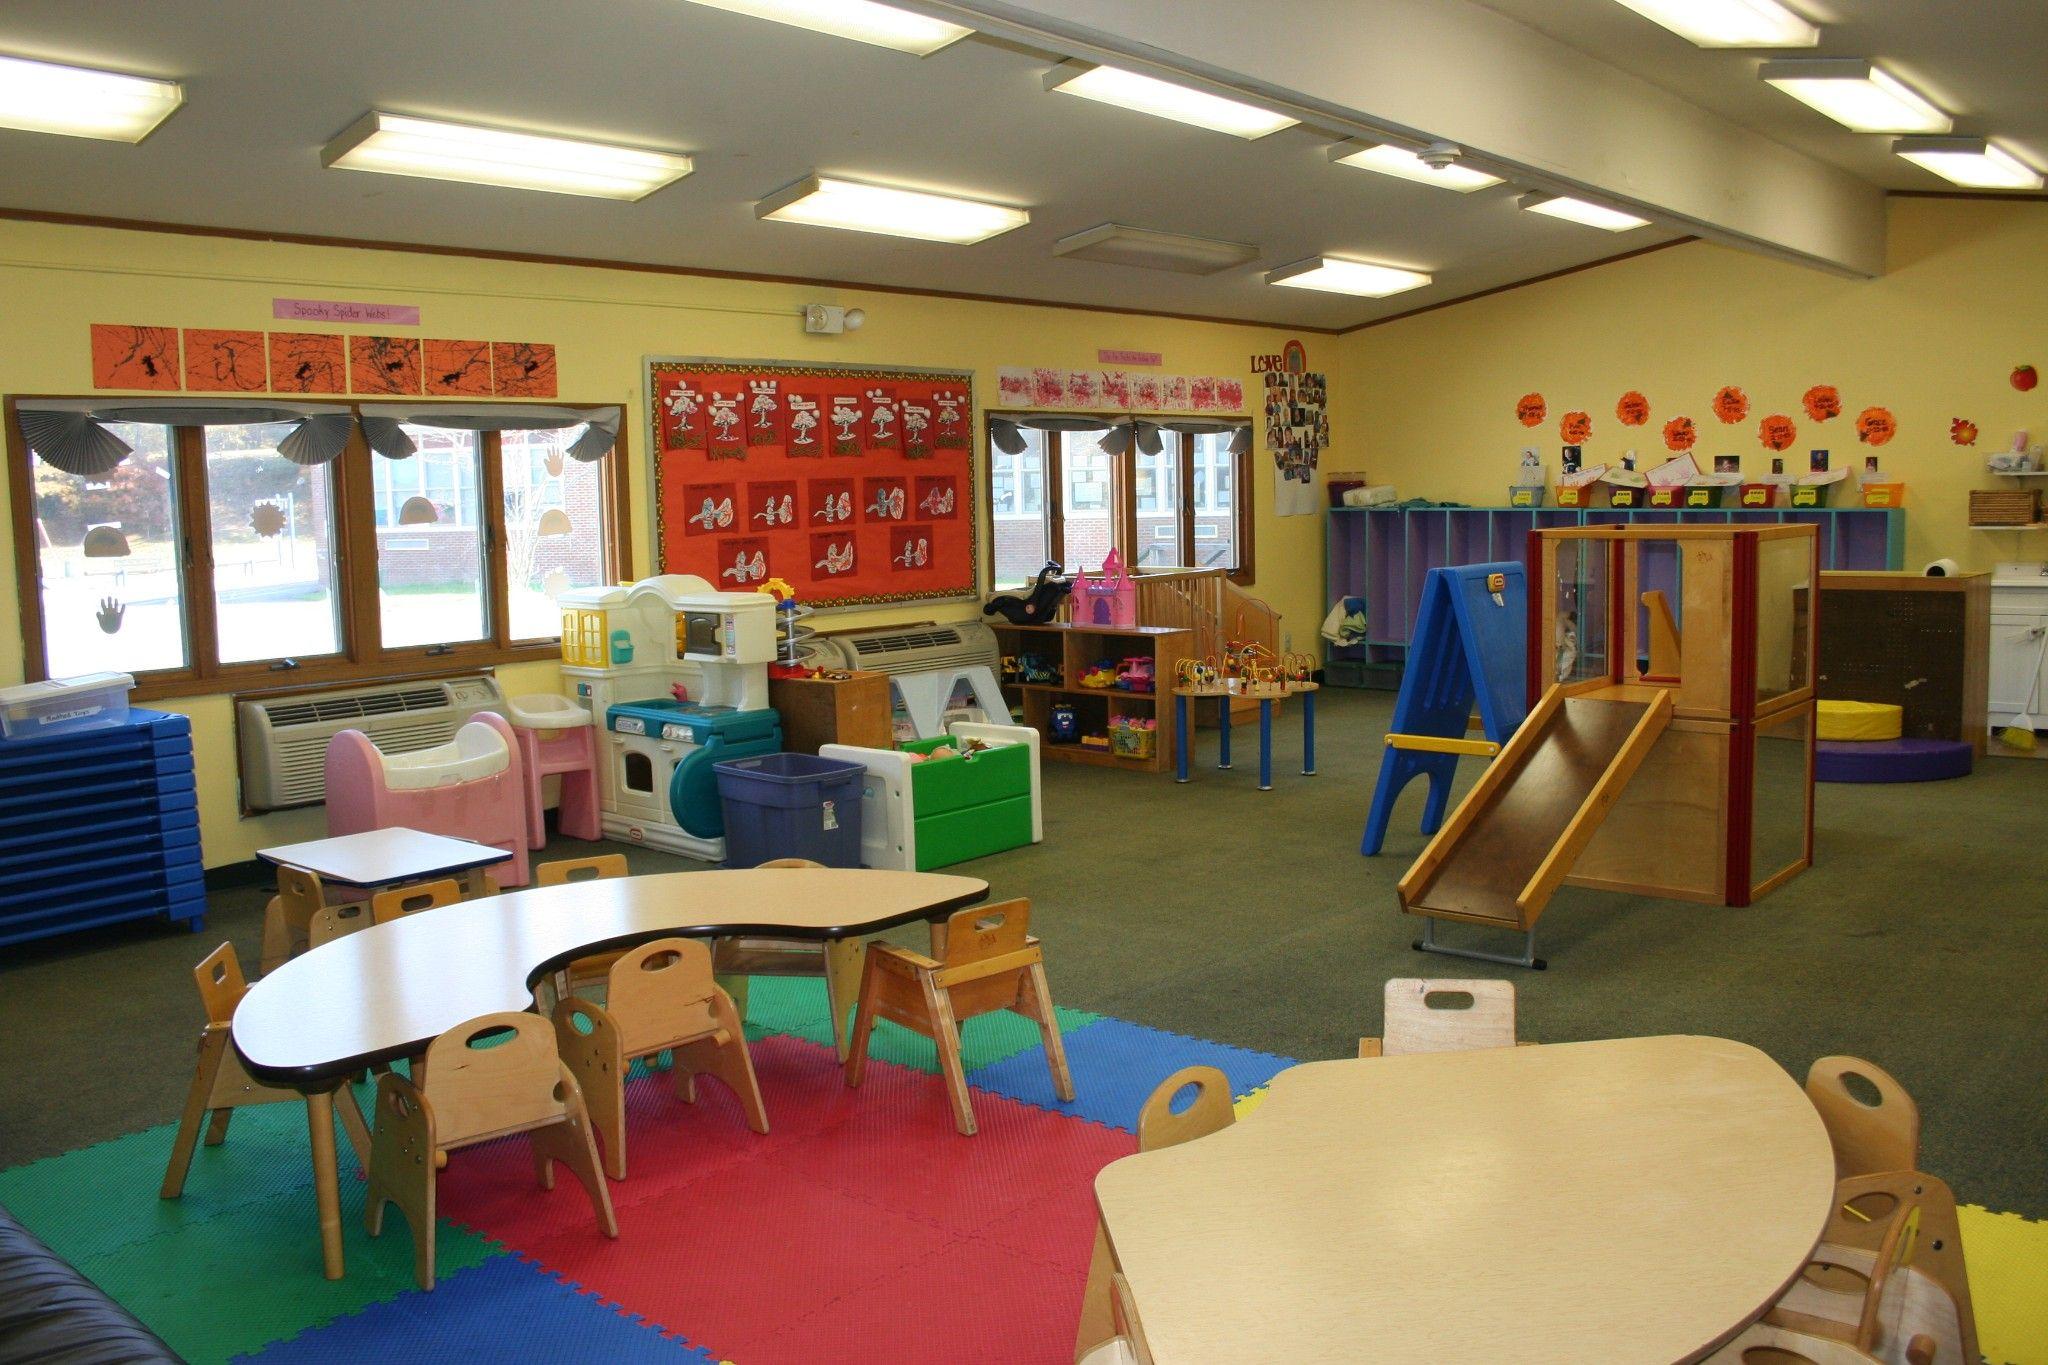 Preschool Classroom Design Tools ~ Classroom for child care preschool designs